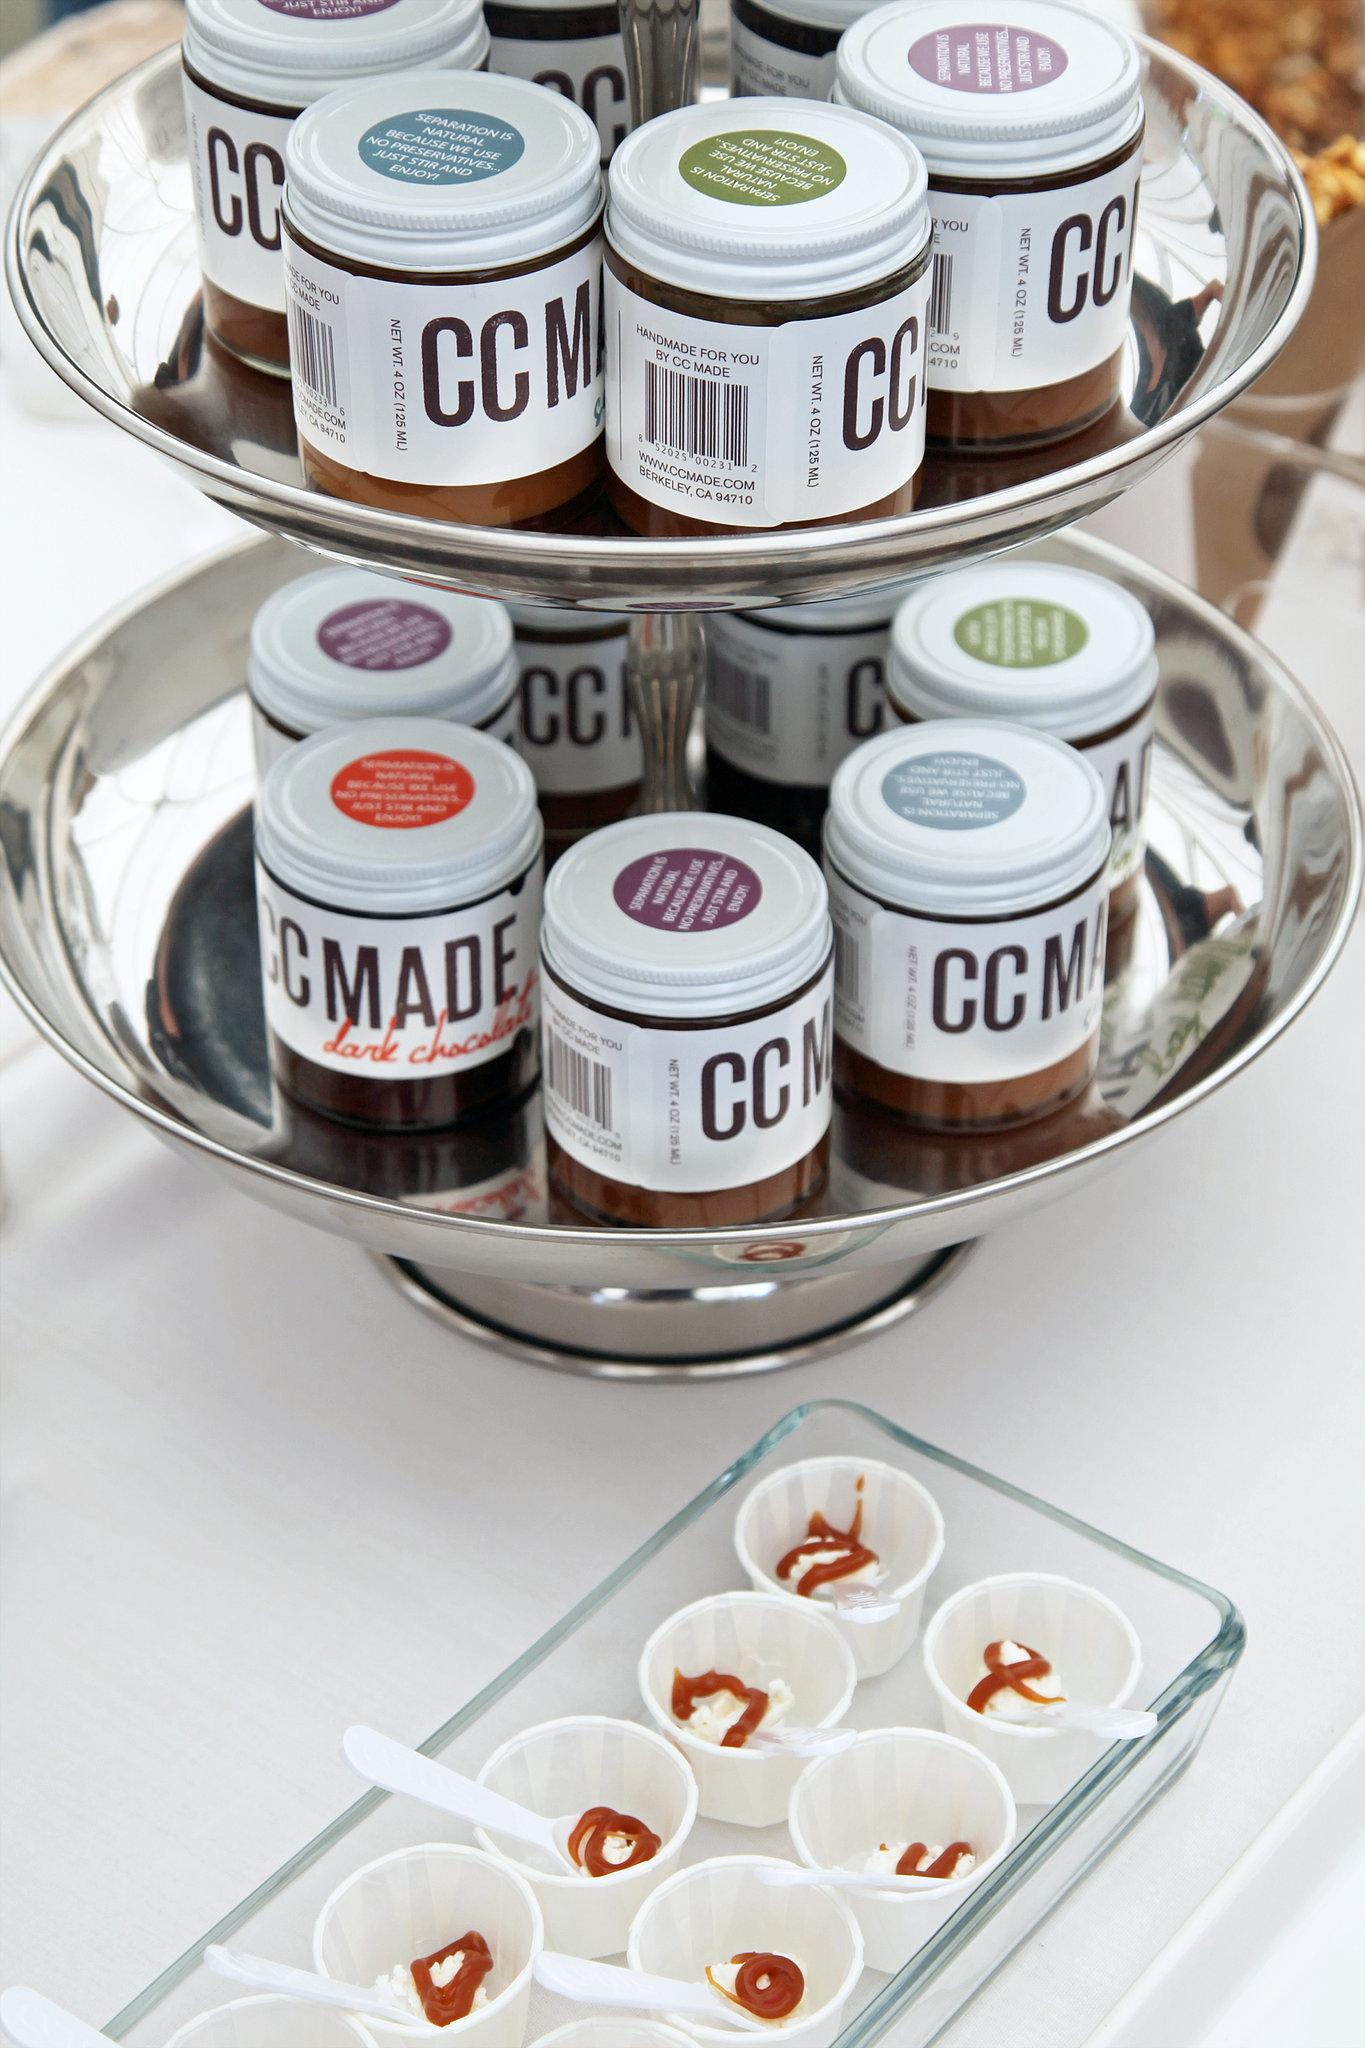 CC Made Caramel